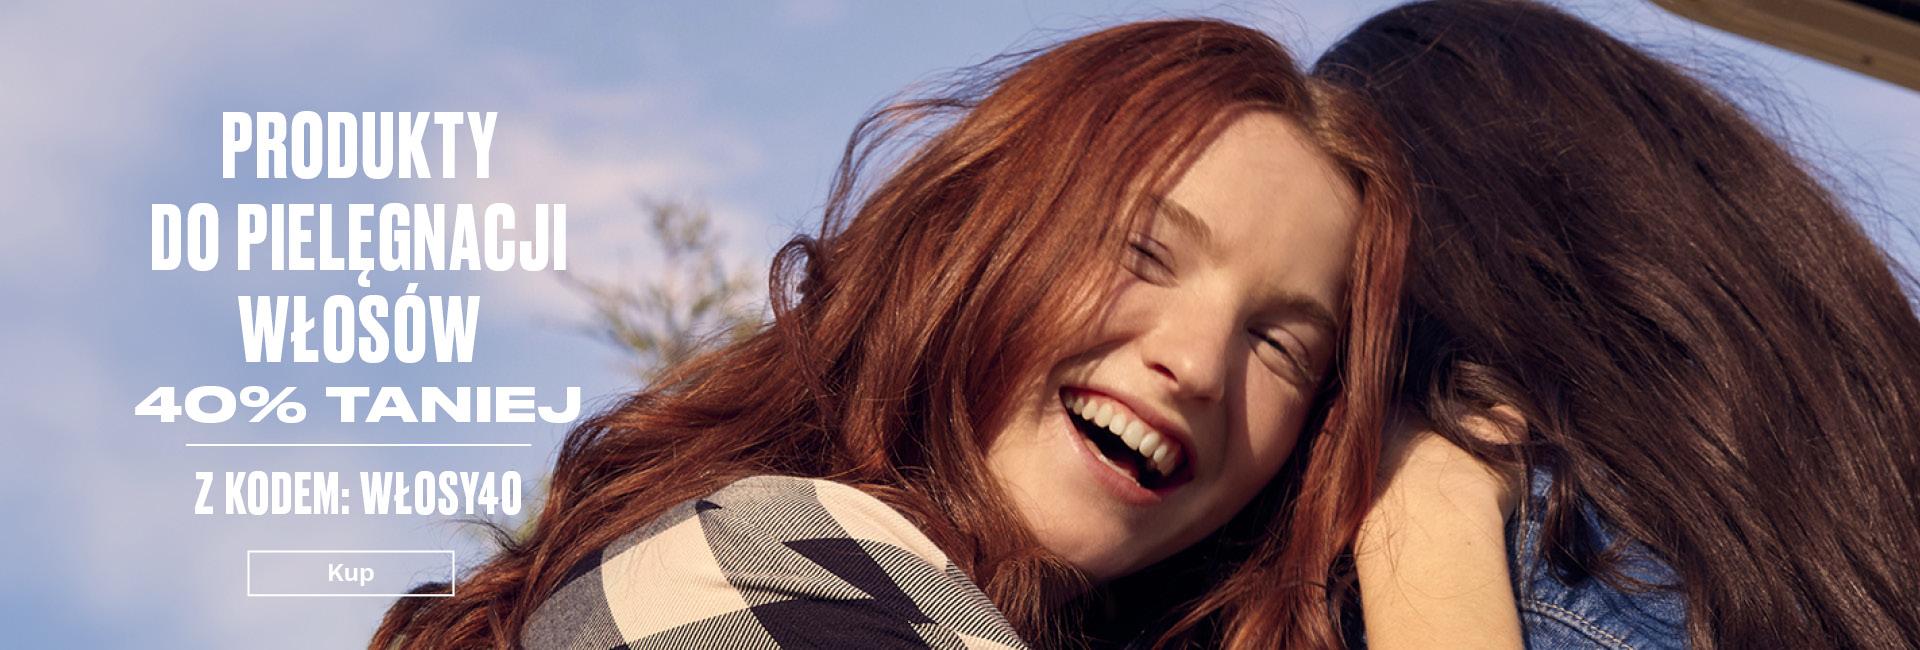 The Body Shop: 40% zniżki na produkty do pielęgnacji włosów